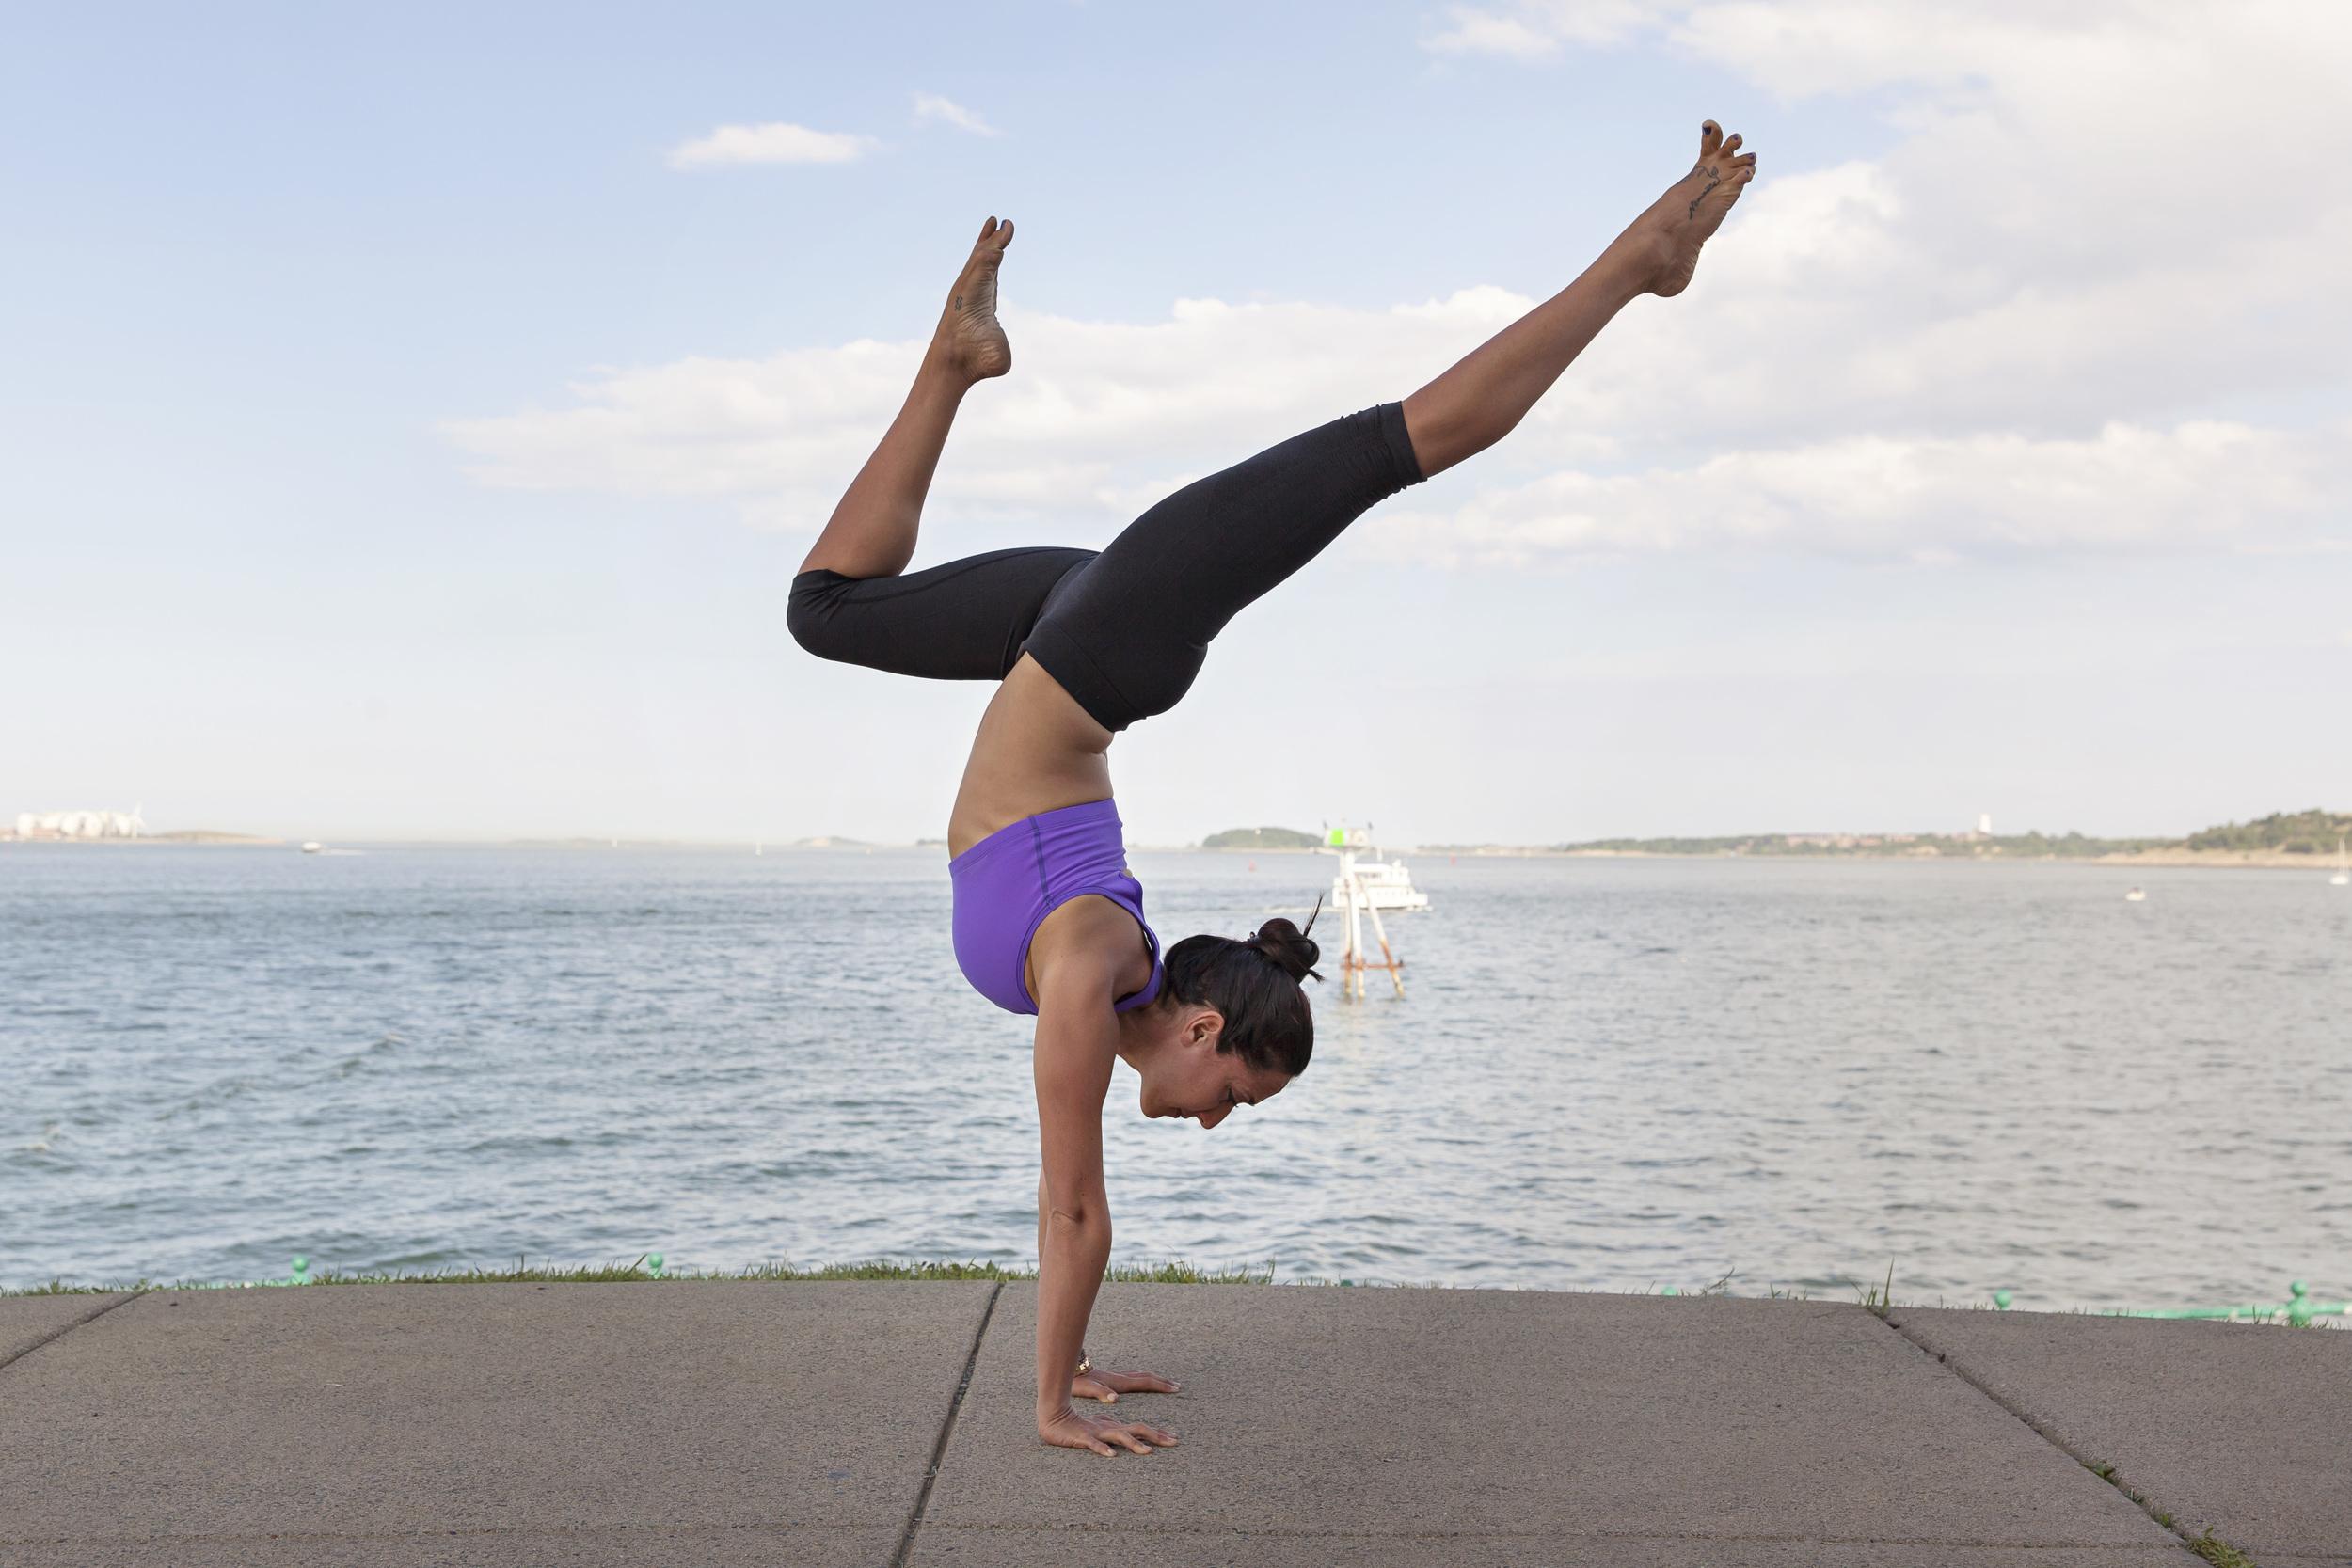 boston-yoga-inversion-workshop-erica-bornstein